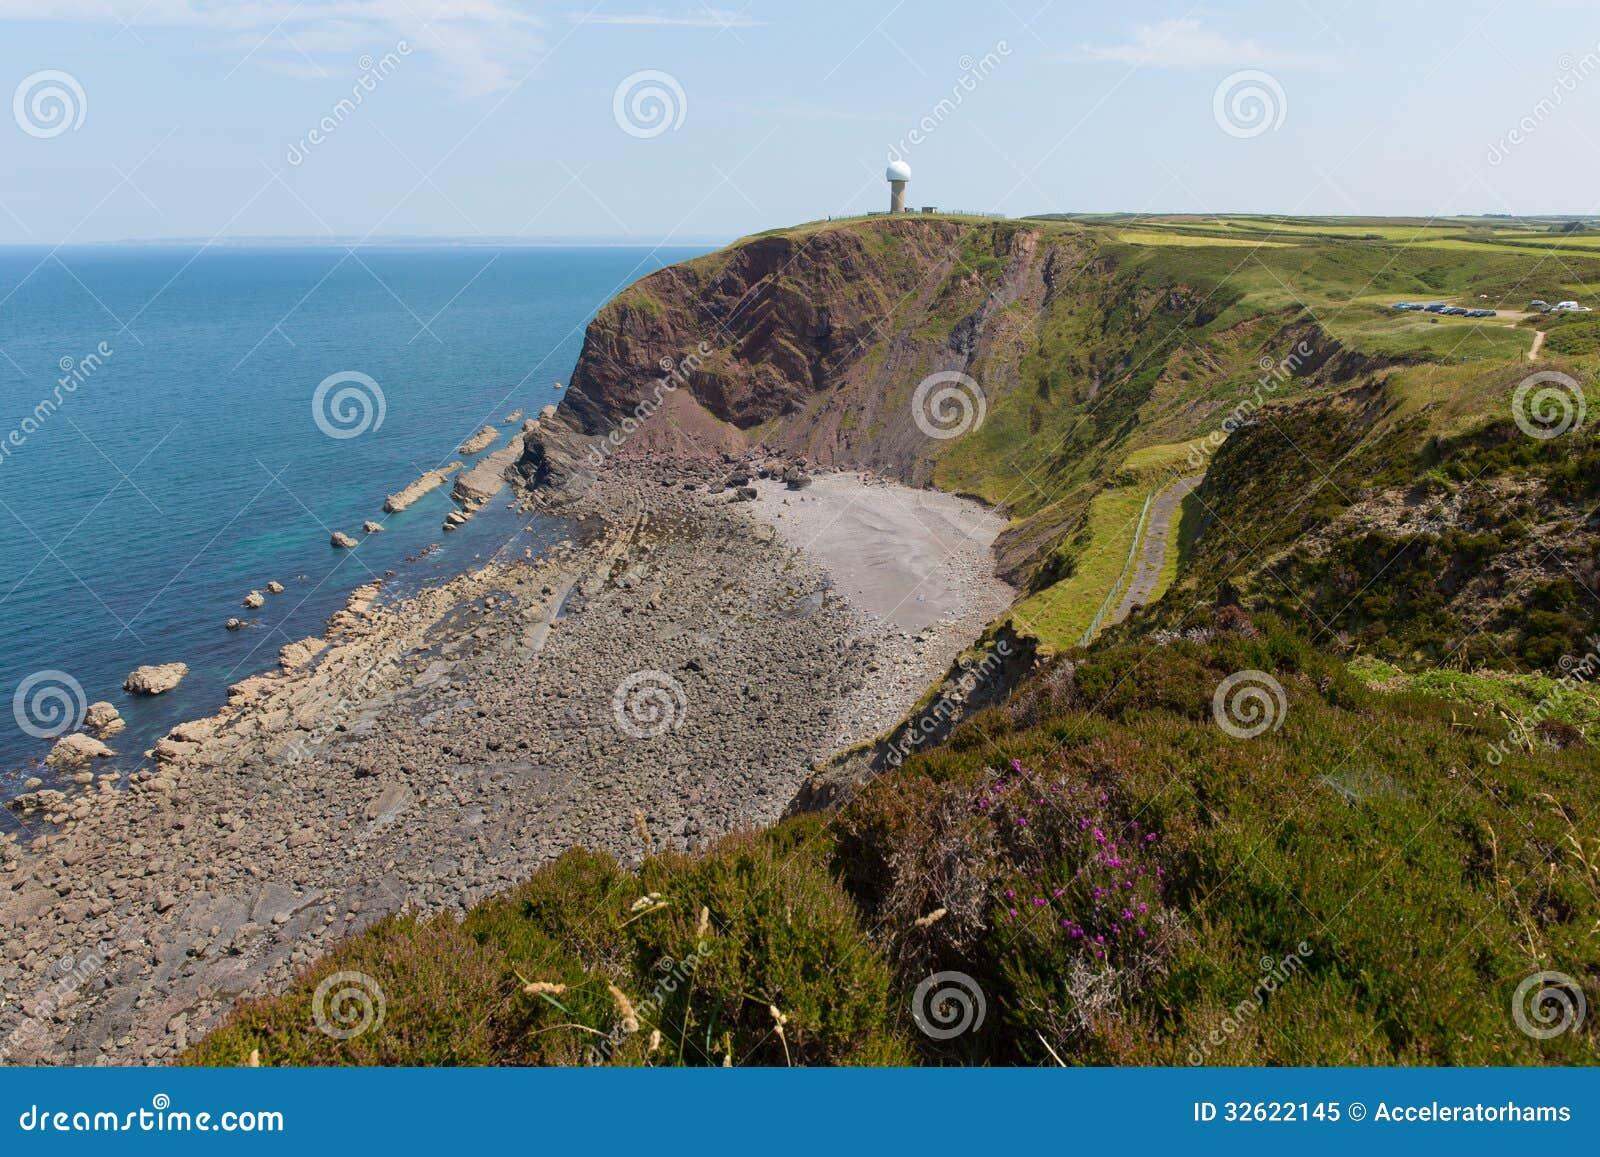 Hartland Point Devon England